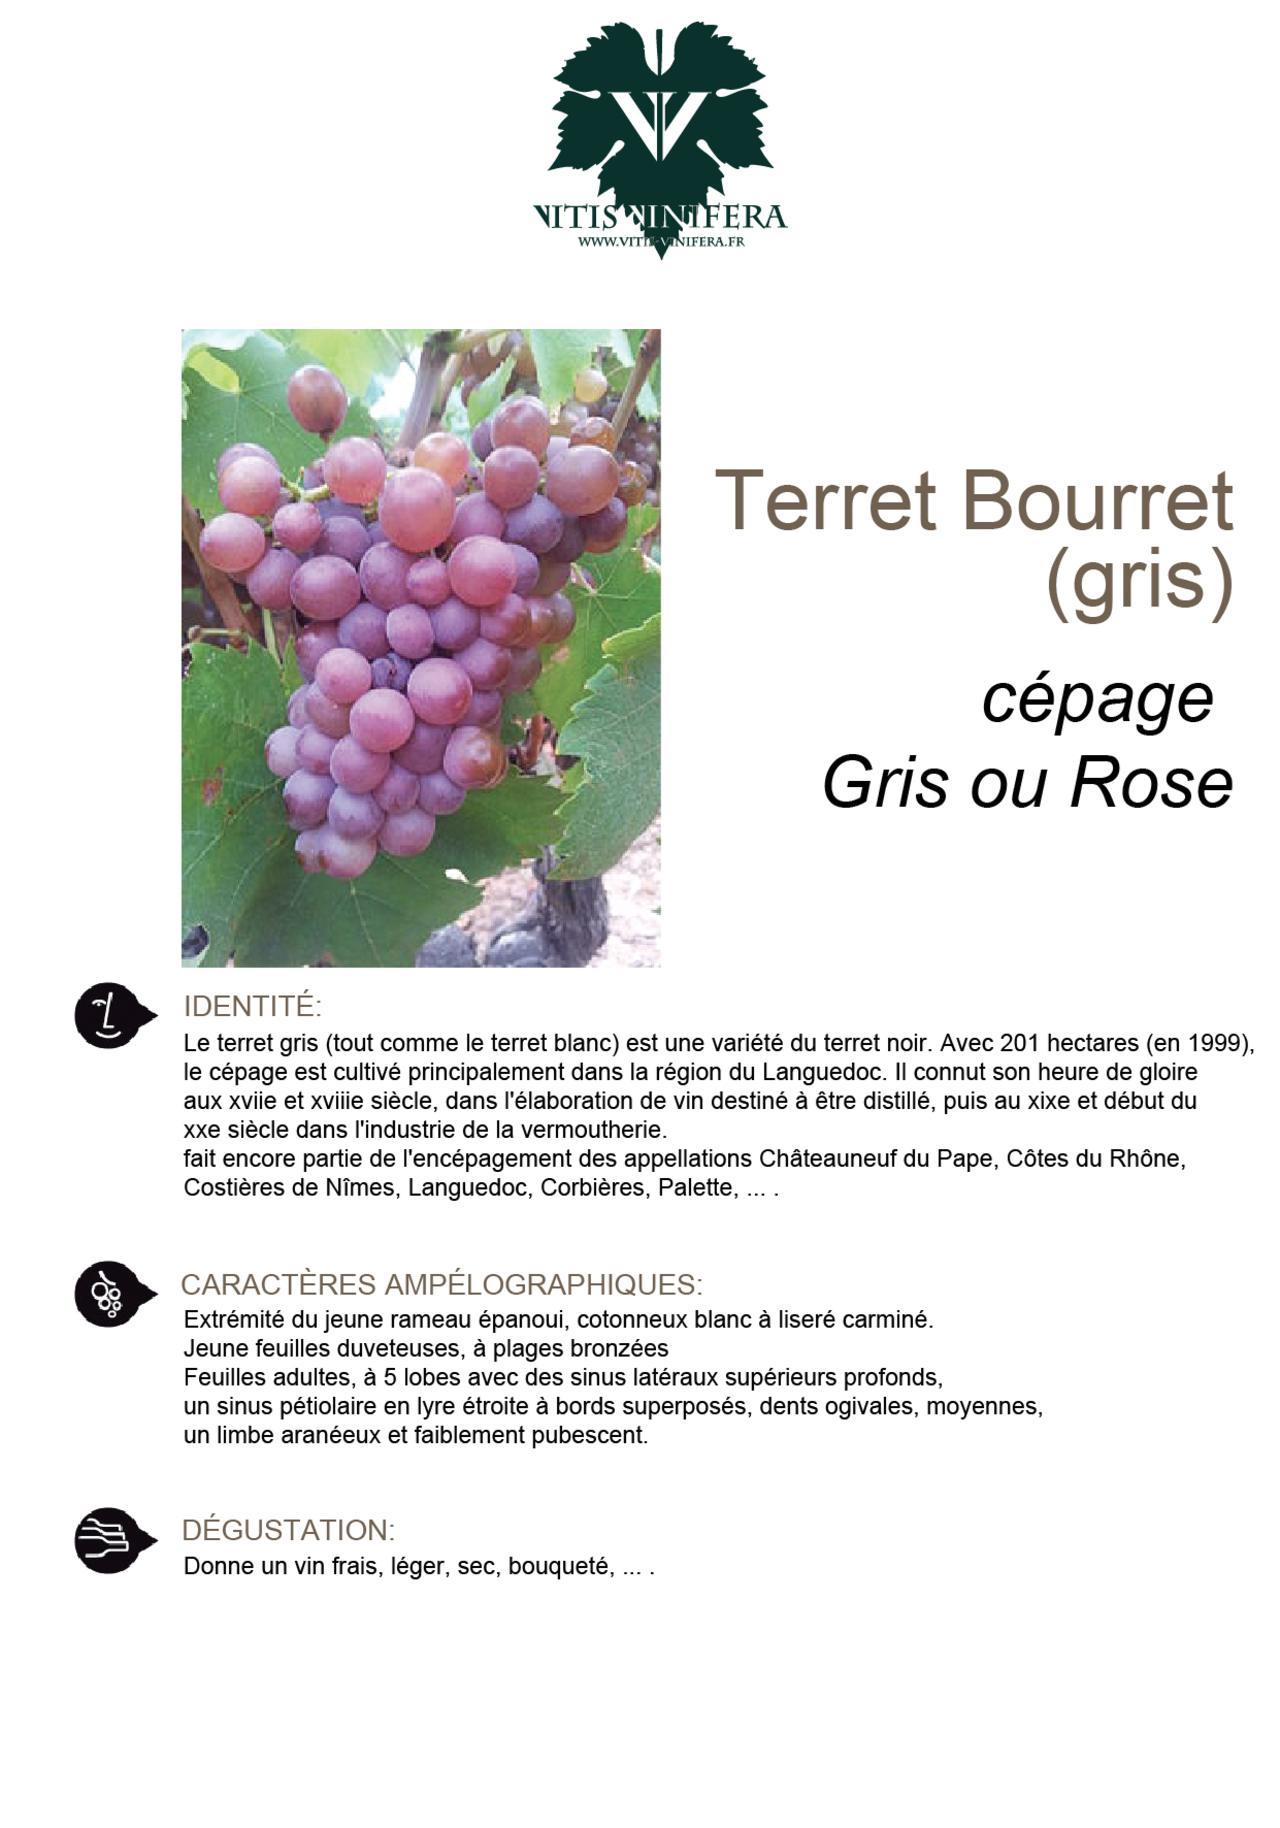 CÉPAGE - TERRET BOURRET